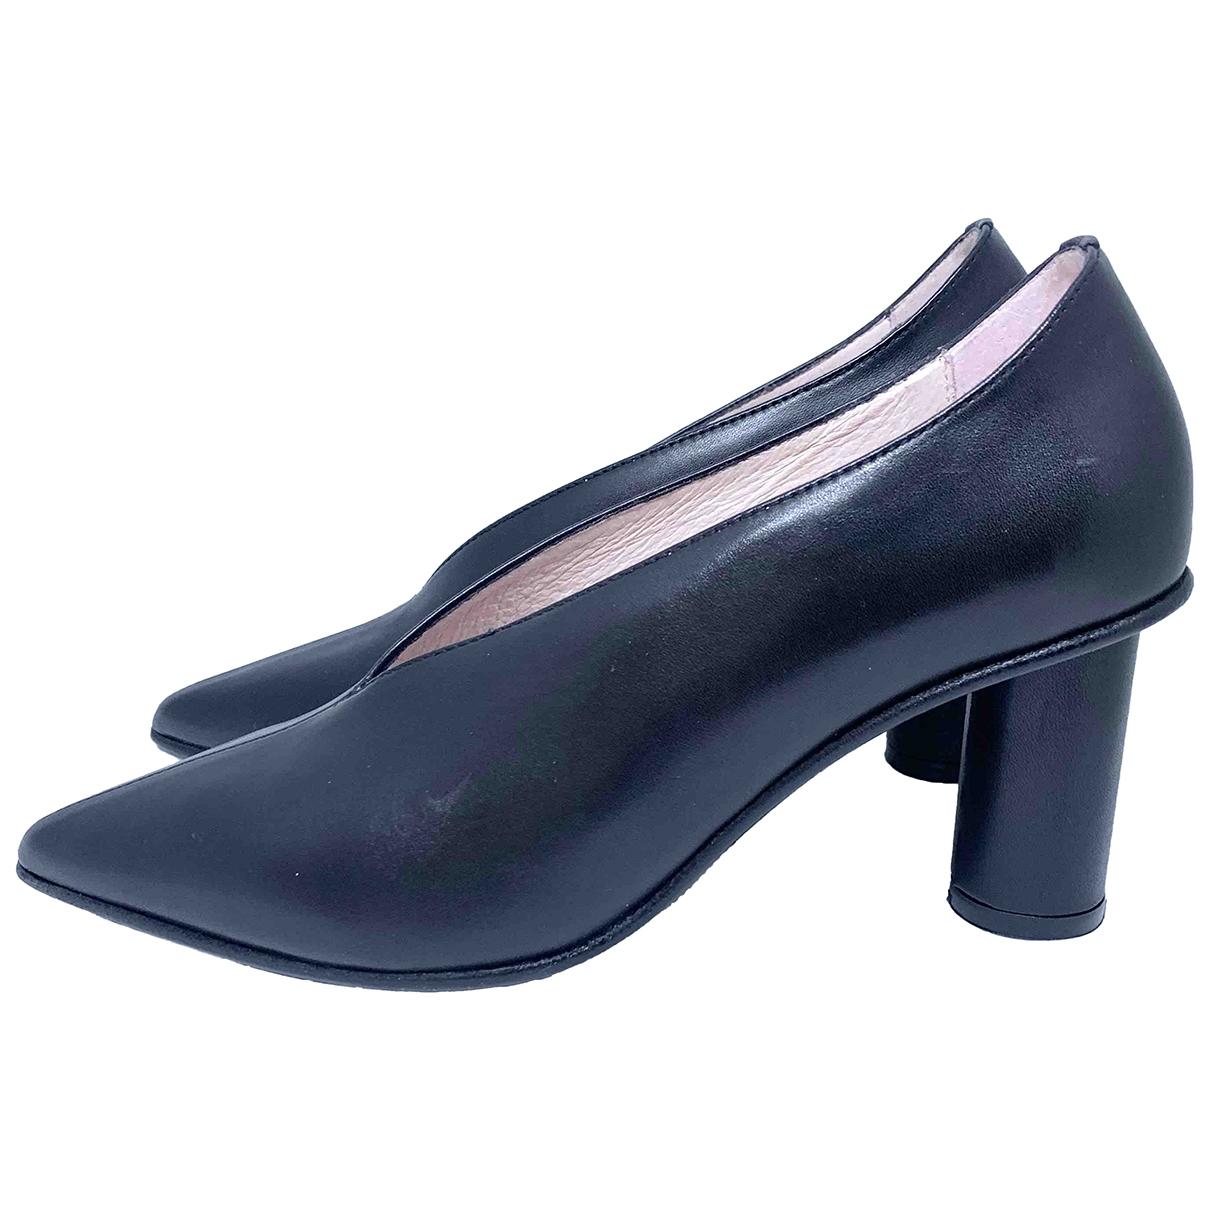 Marimekko - Escarpins   pour femme en cuir - noir